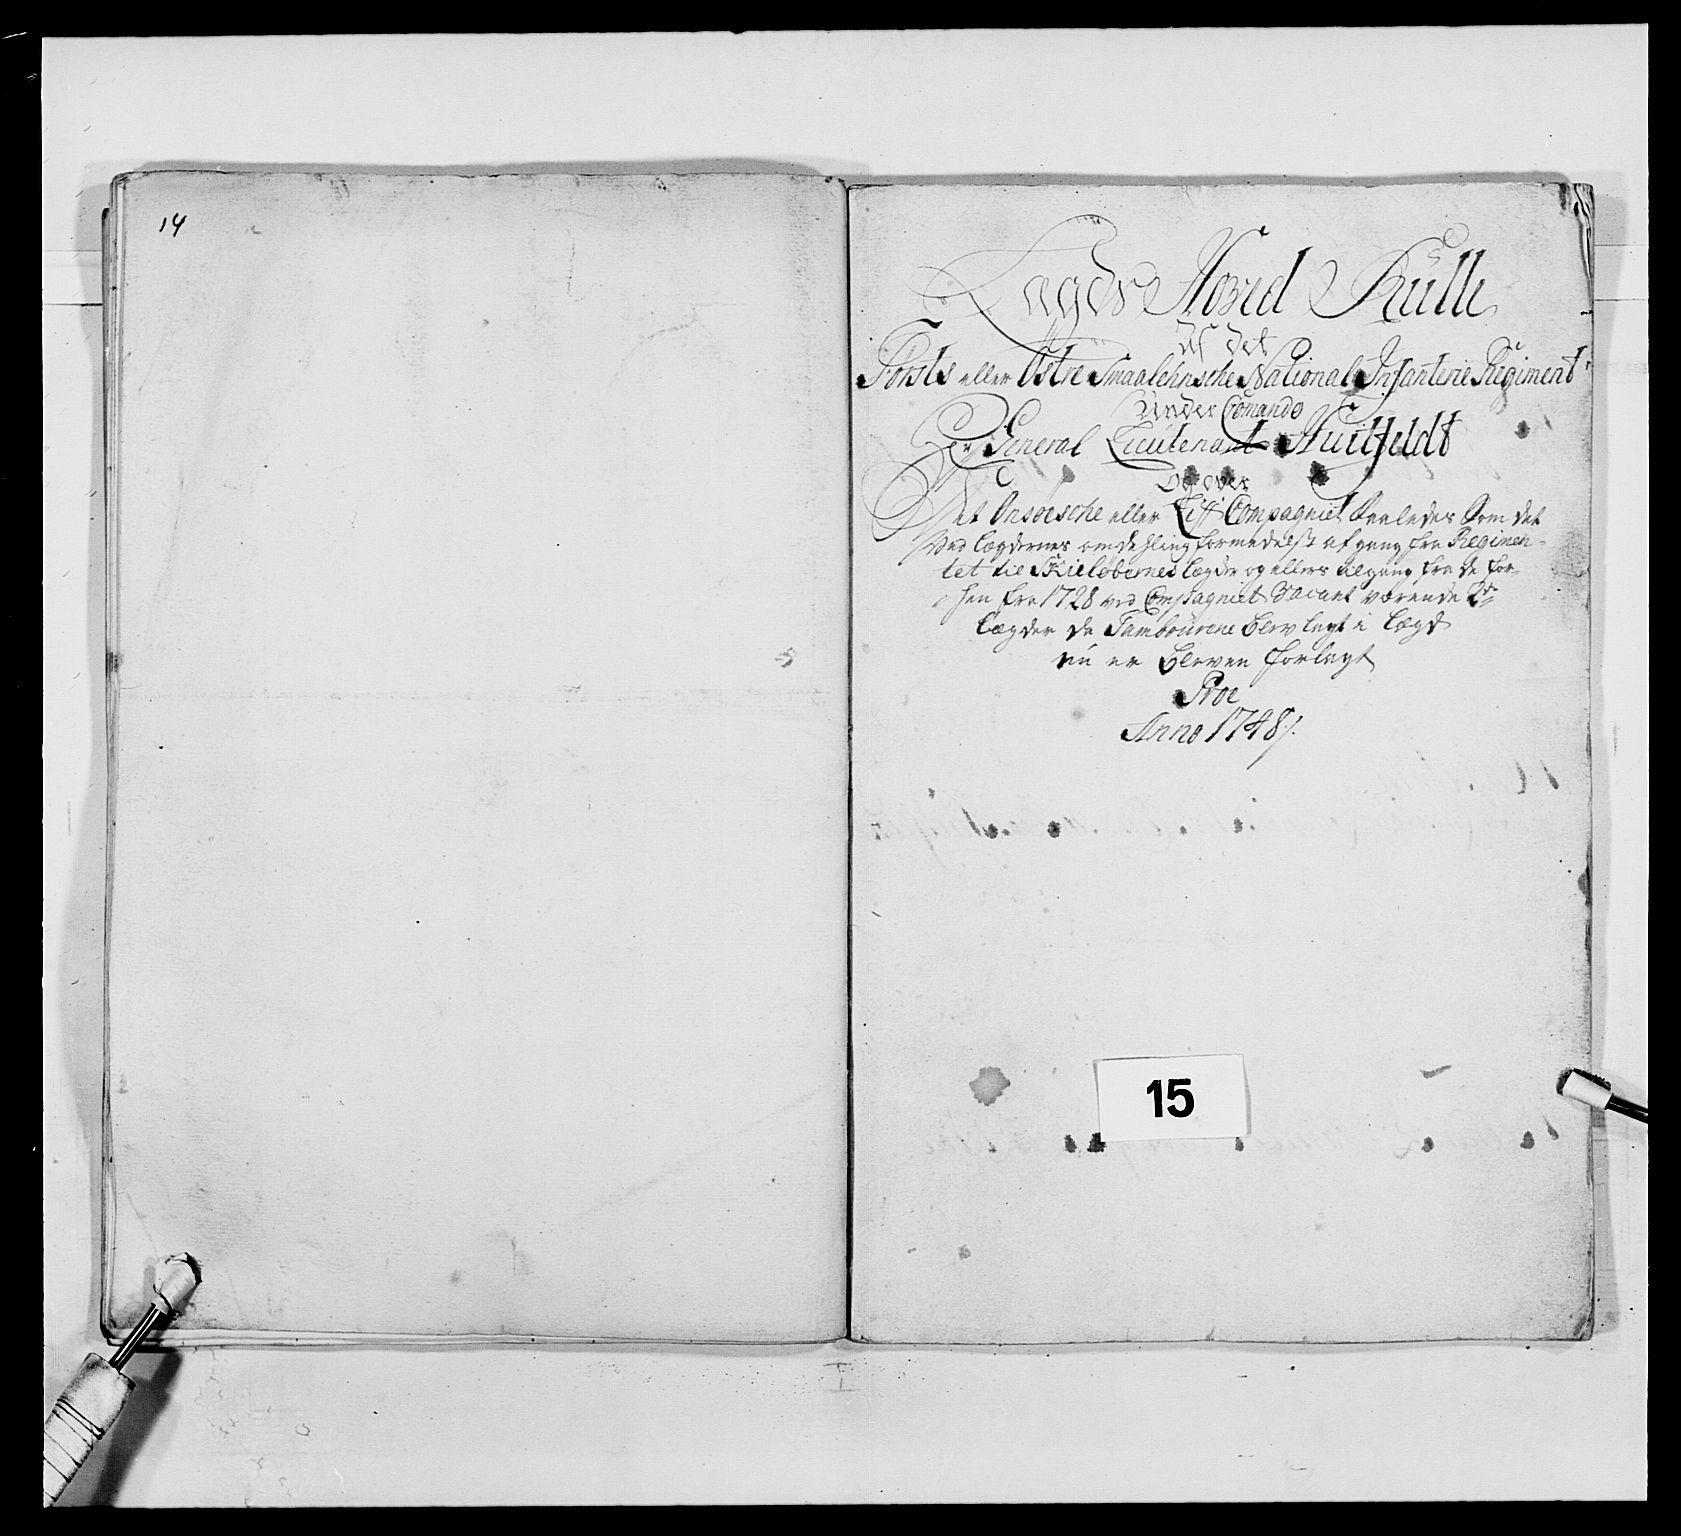 RA, Kommanderende general (KG I) med Det norske krigsdirektorium, E/Ea/L0495: 1. Smålenske regiment, 1732-1763, s. 167